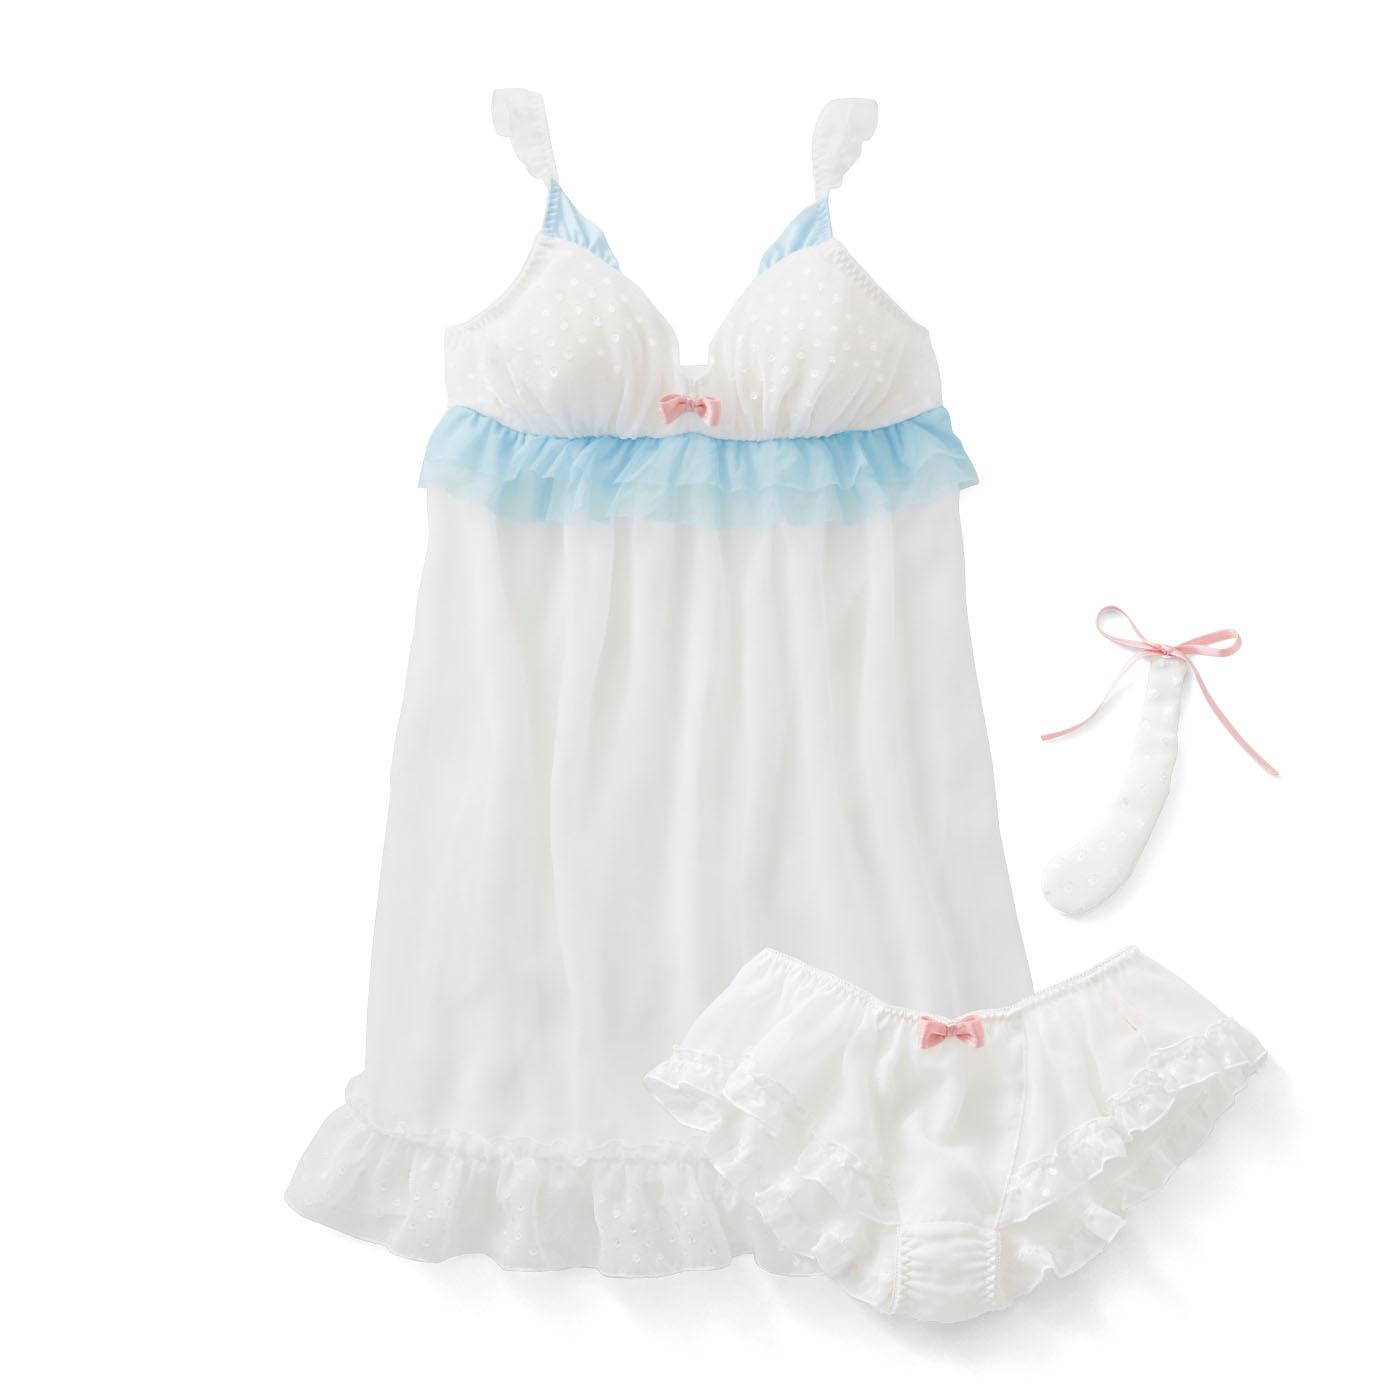 おうちでいつでも  なりきりにゃんこ  甘えんぼう白猫ルームドレス